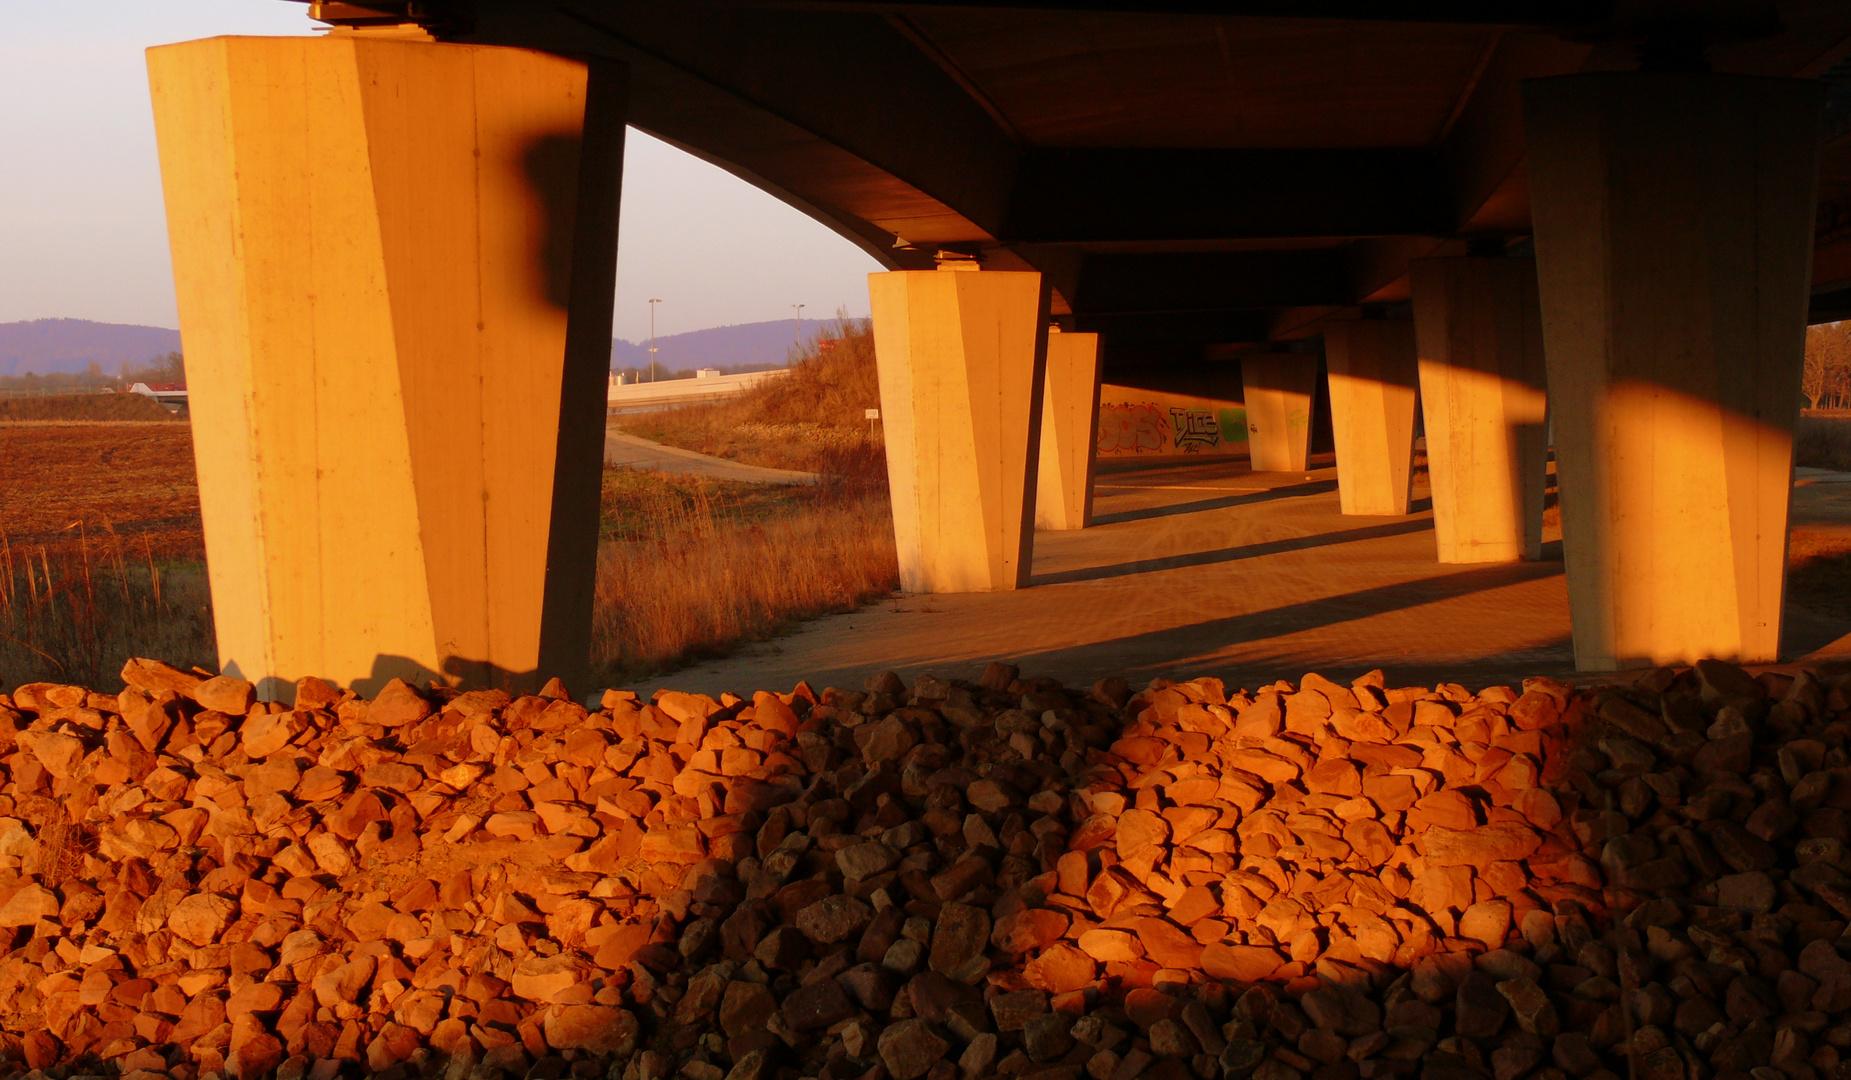 Sonnenuntergang unter der Autobahnbrücke in Gohfeld